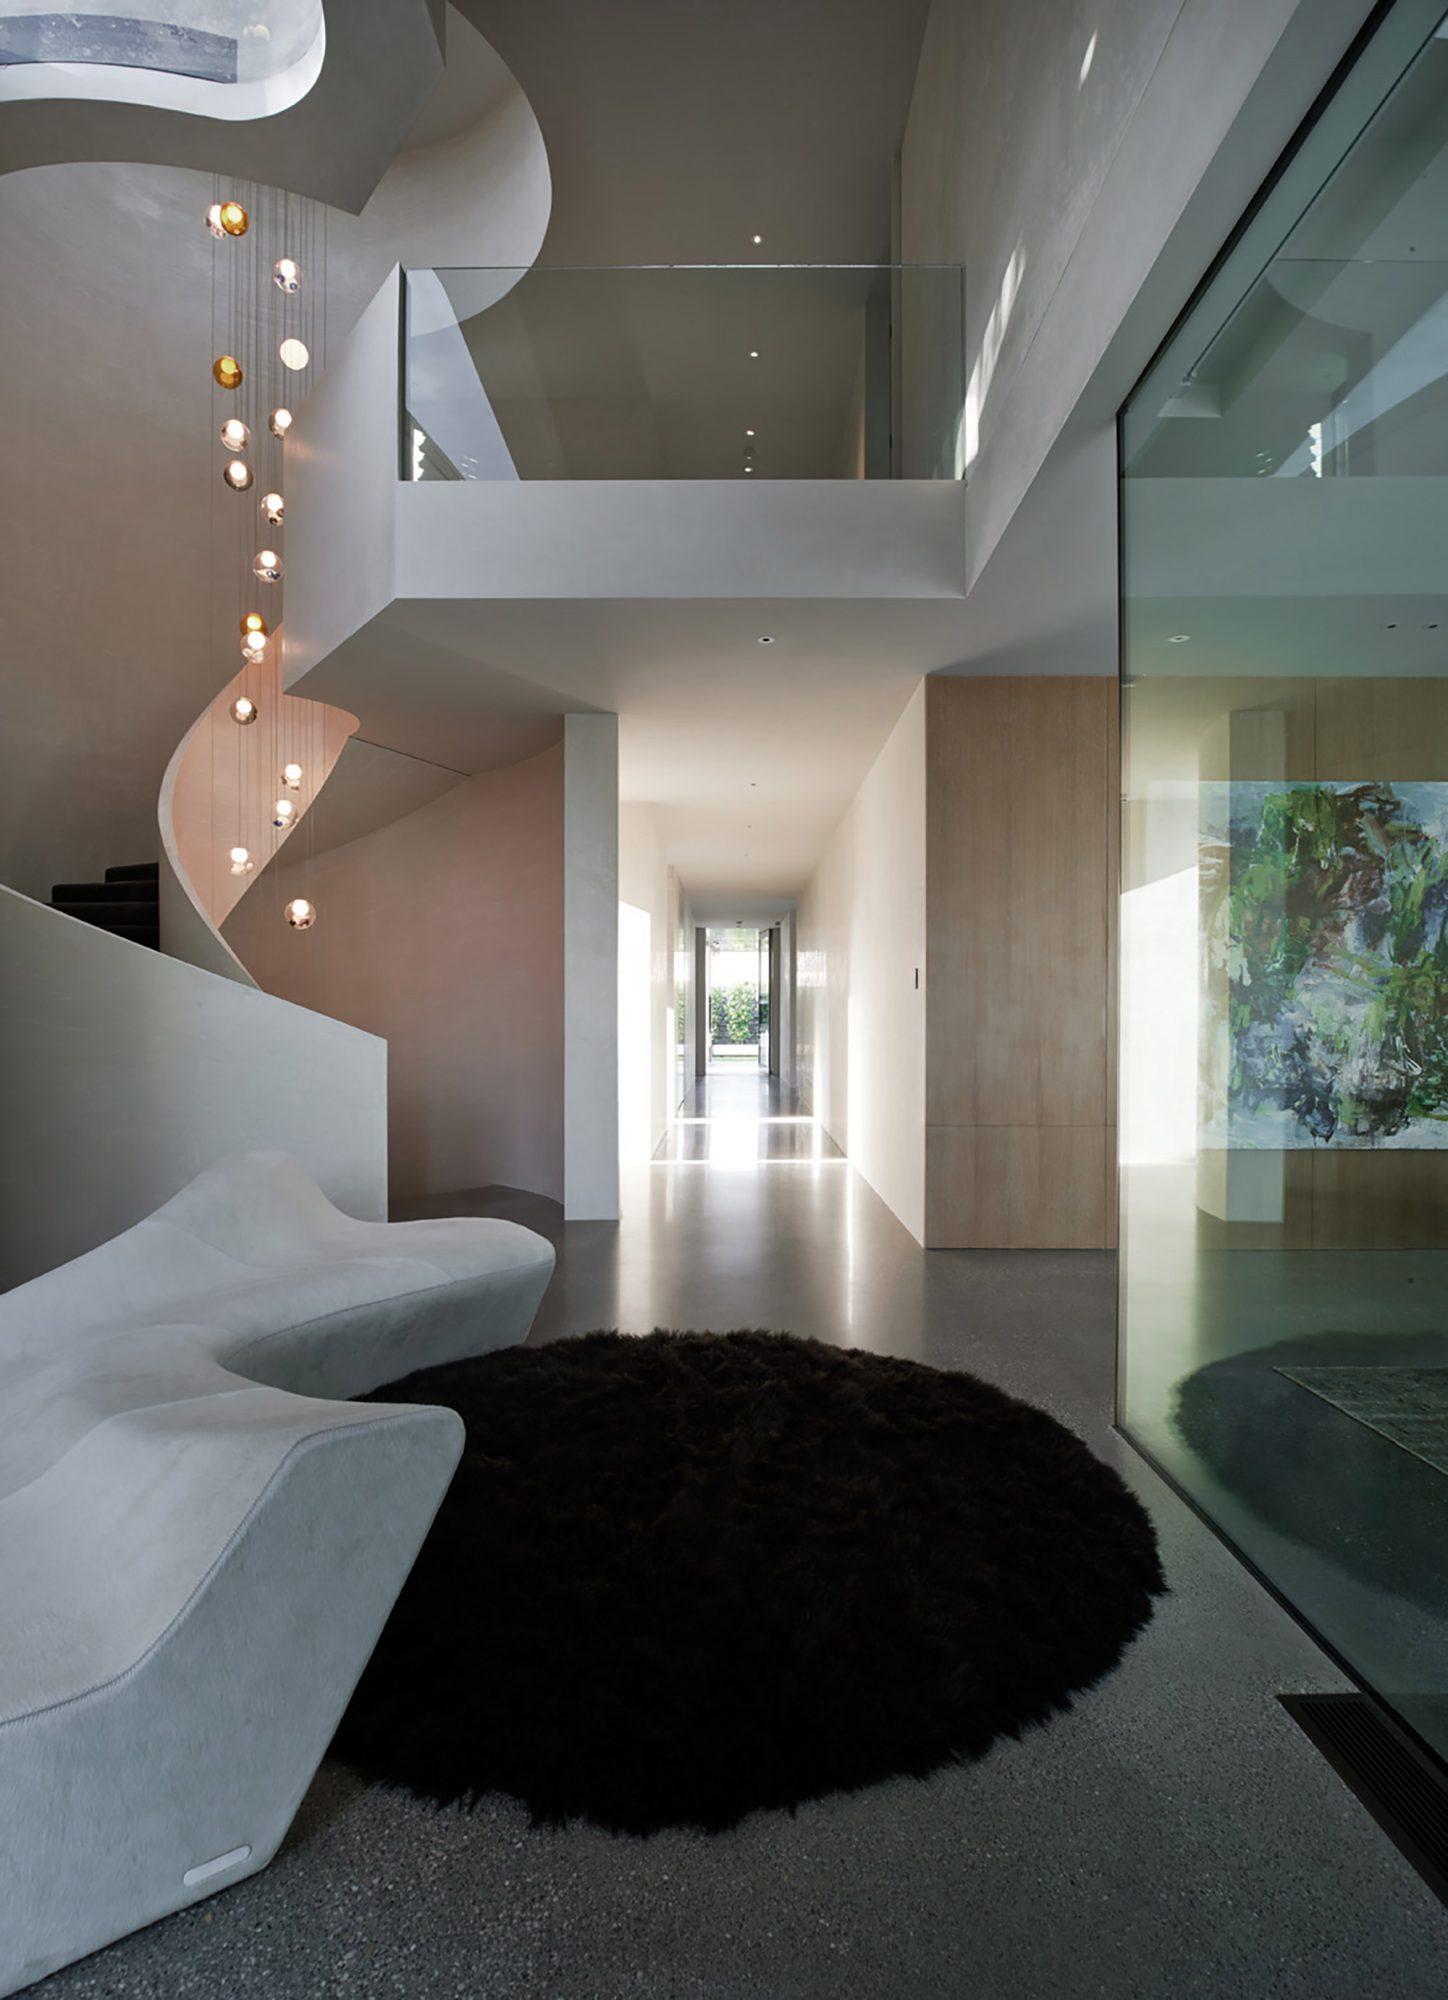 Architects interior designers brighton brighton house for Interior design agency brighton